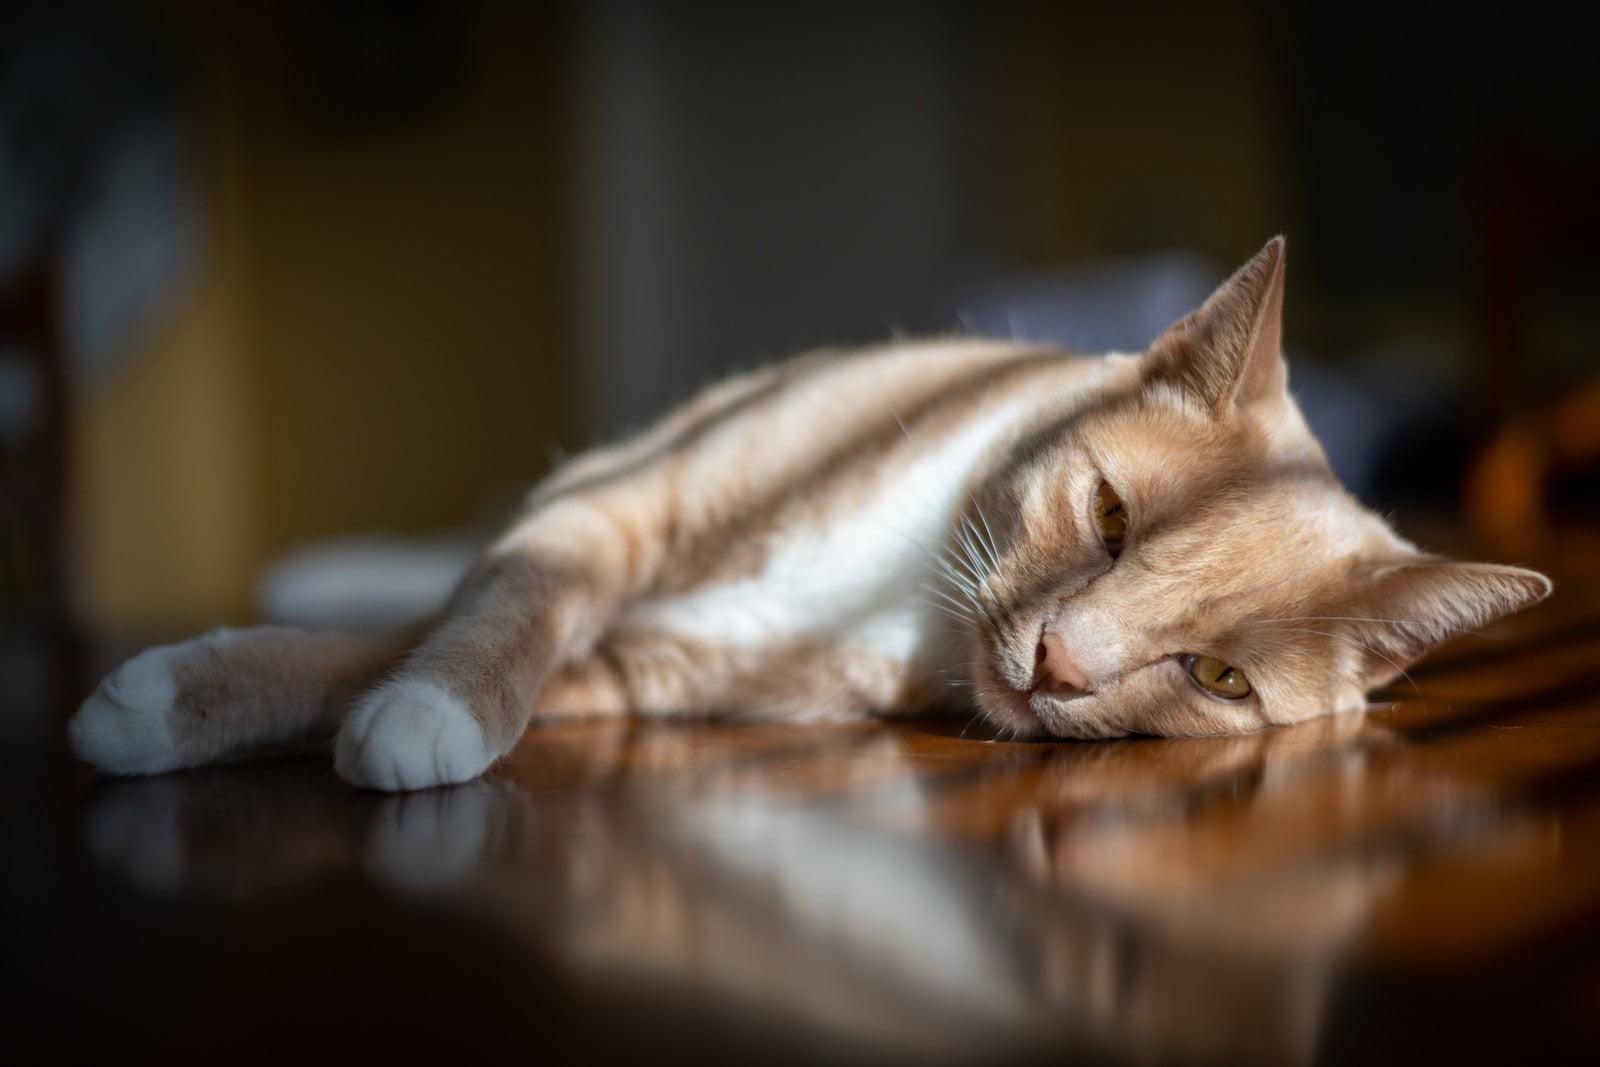 Mejores productos calmantes y ansiolíticos para gatos